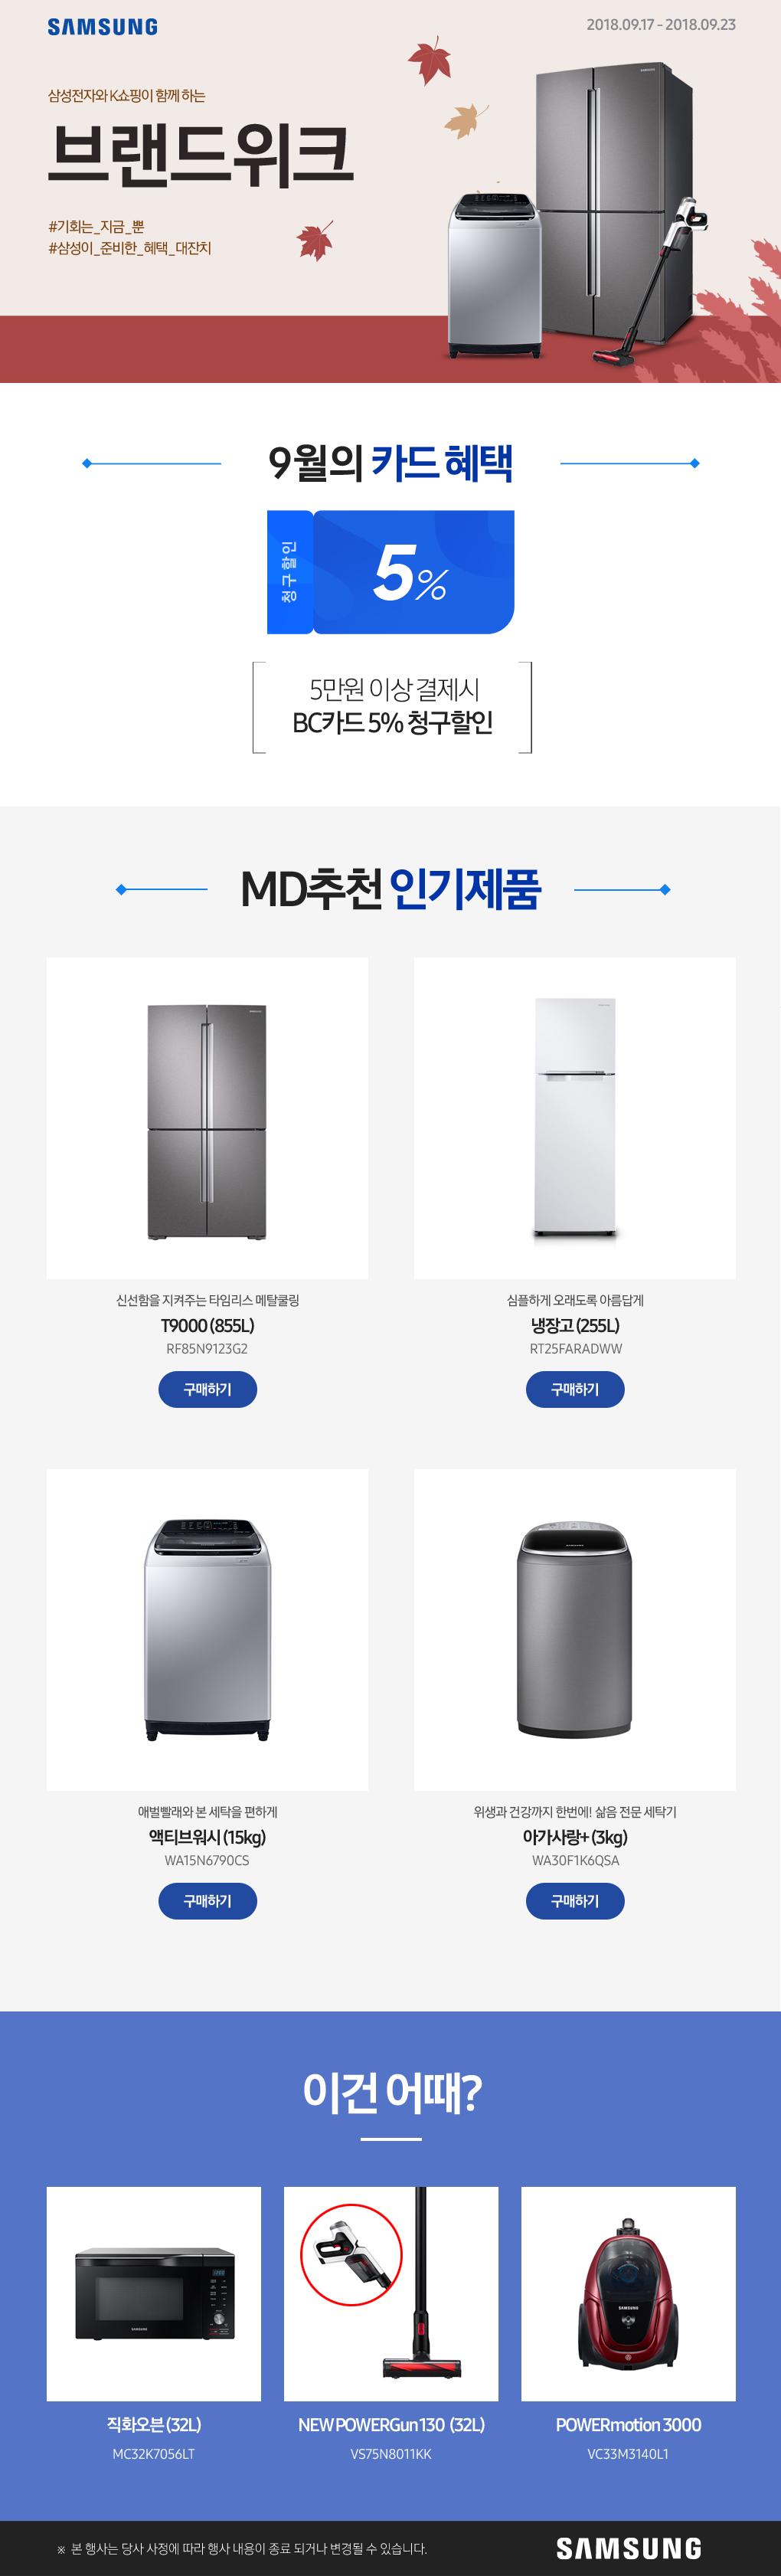 삼성전자 브랜드위크 이벤트 페이지입니다